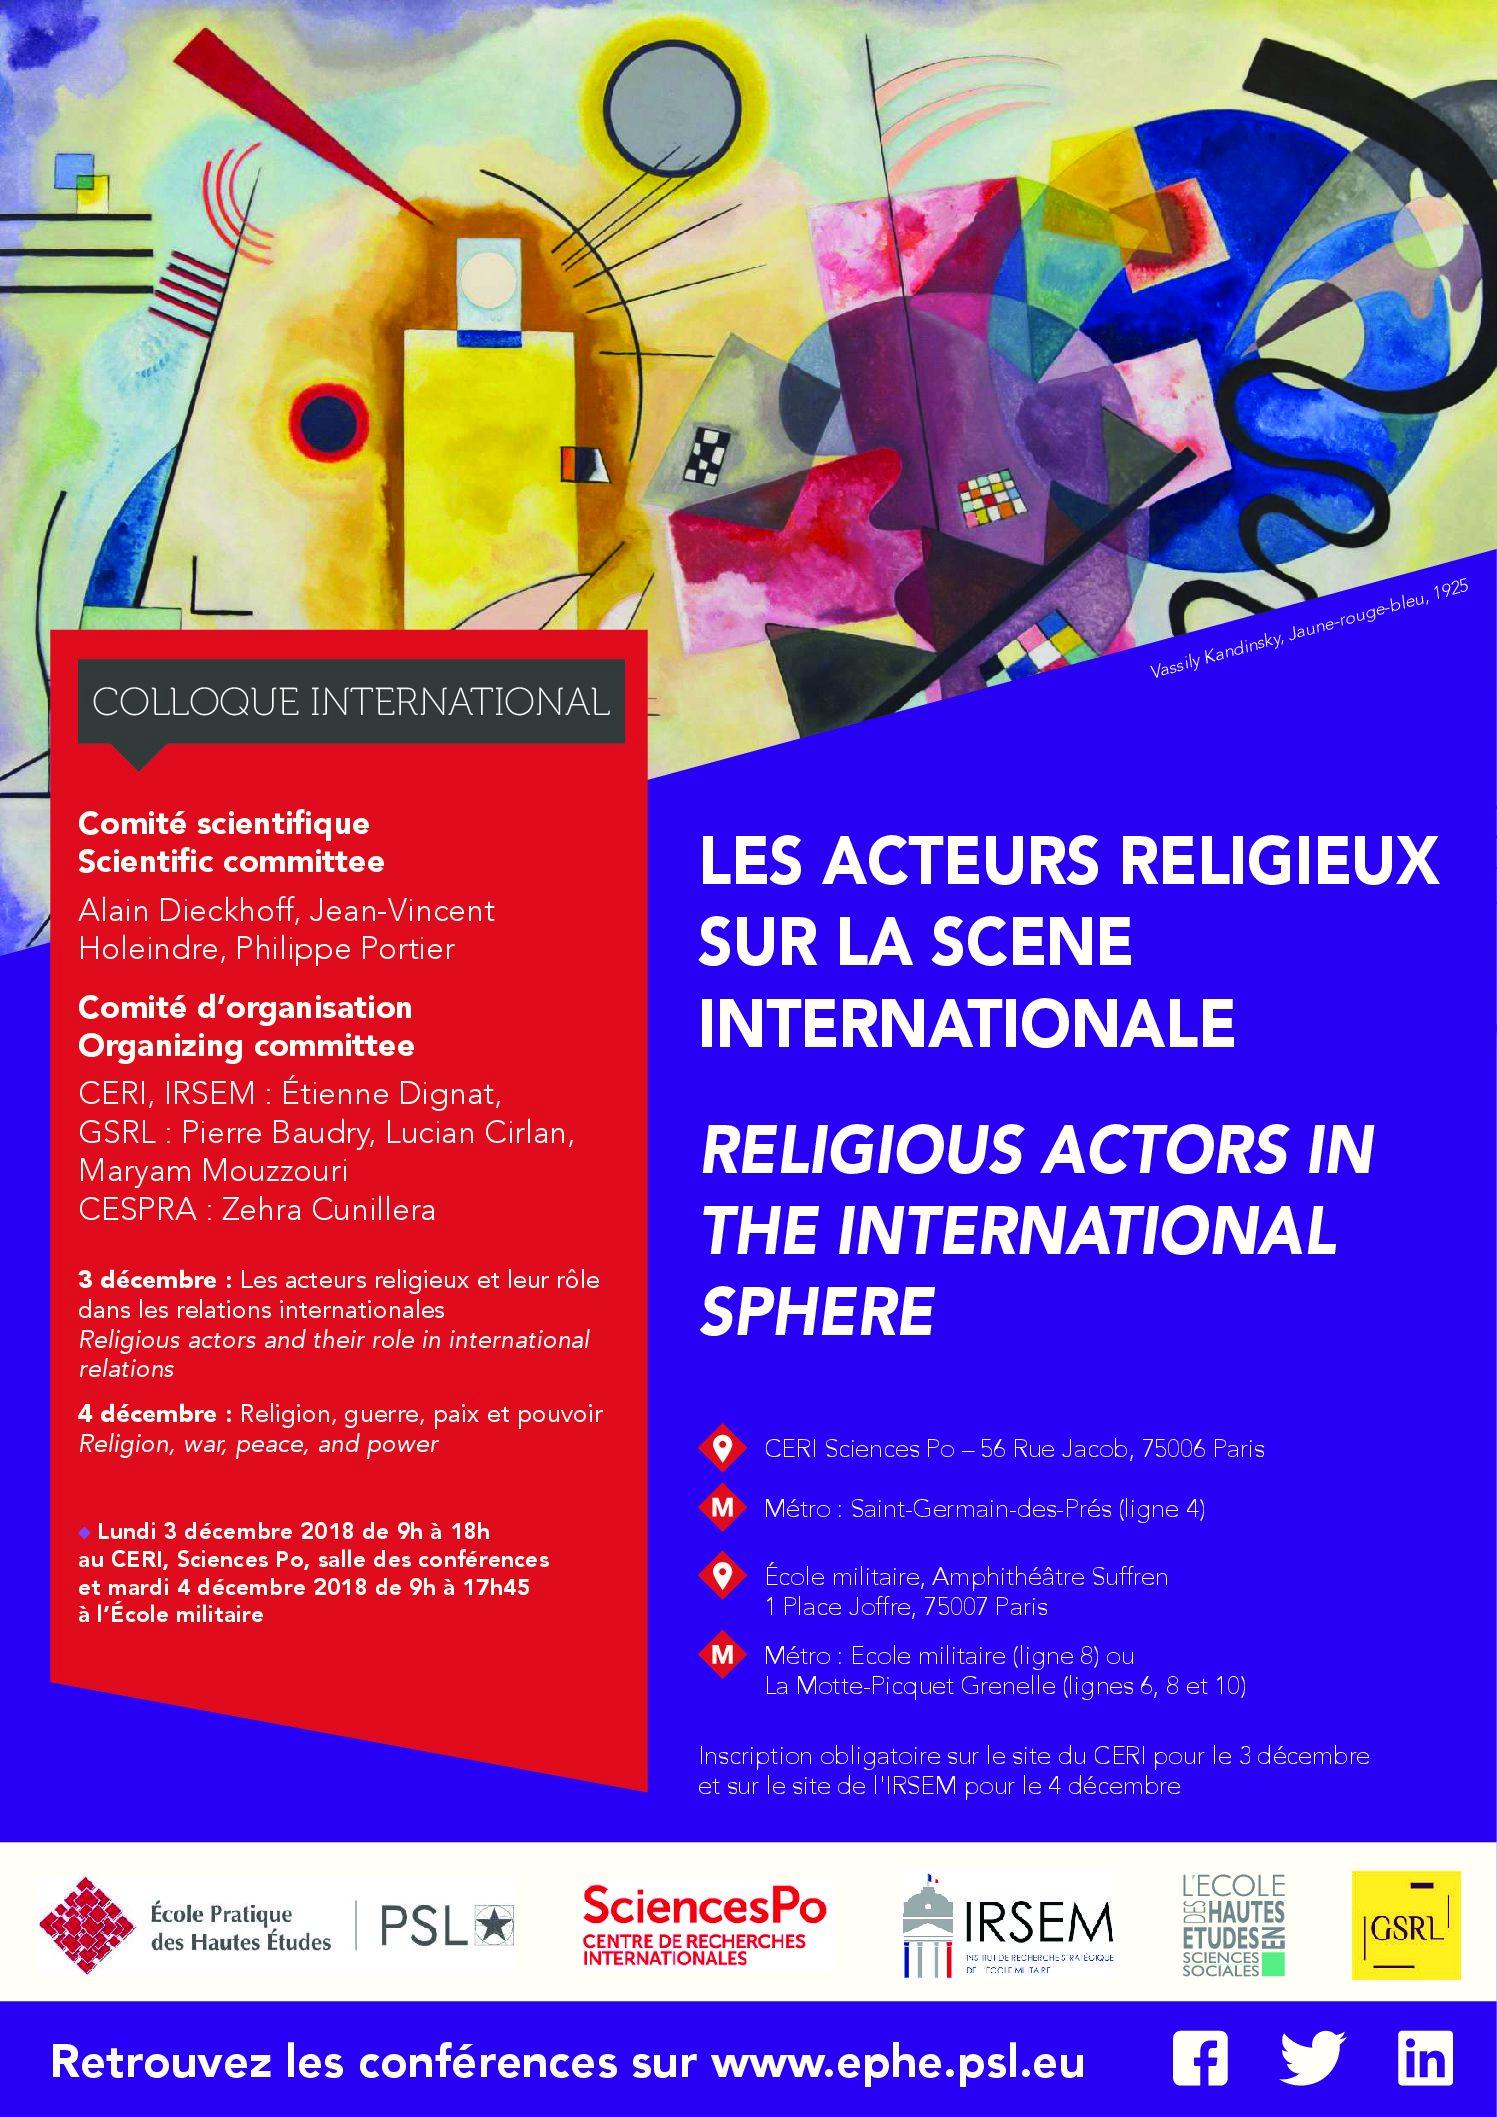 """3 décembre 2018 et 4 décembre 2018 – Colloque international : """"Les Acteurs Religieux sur la Scène Internationale"""" / """"Religious Actors in the International Sphere"""""""